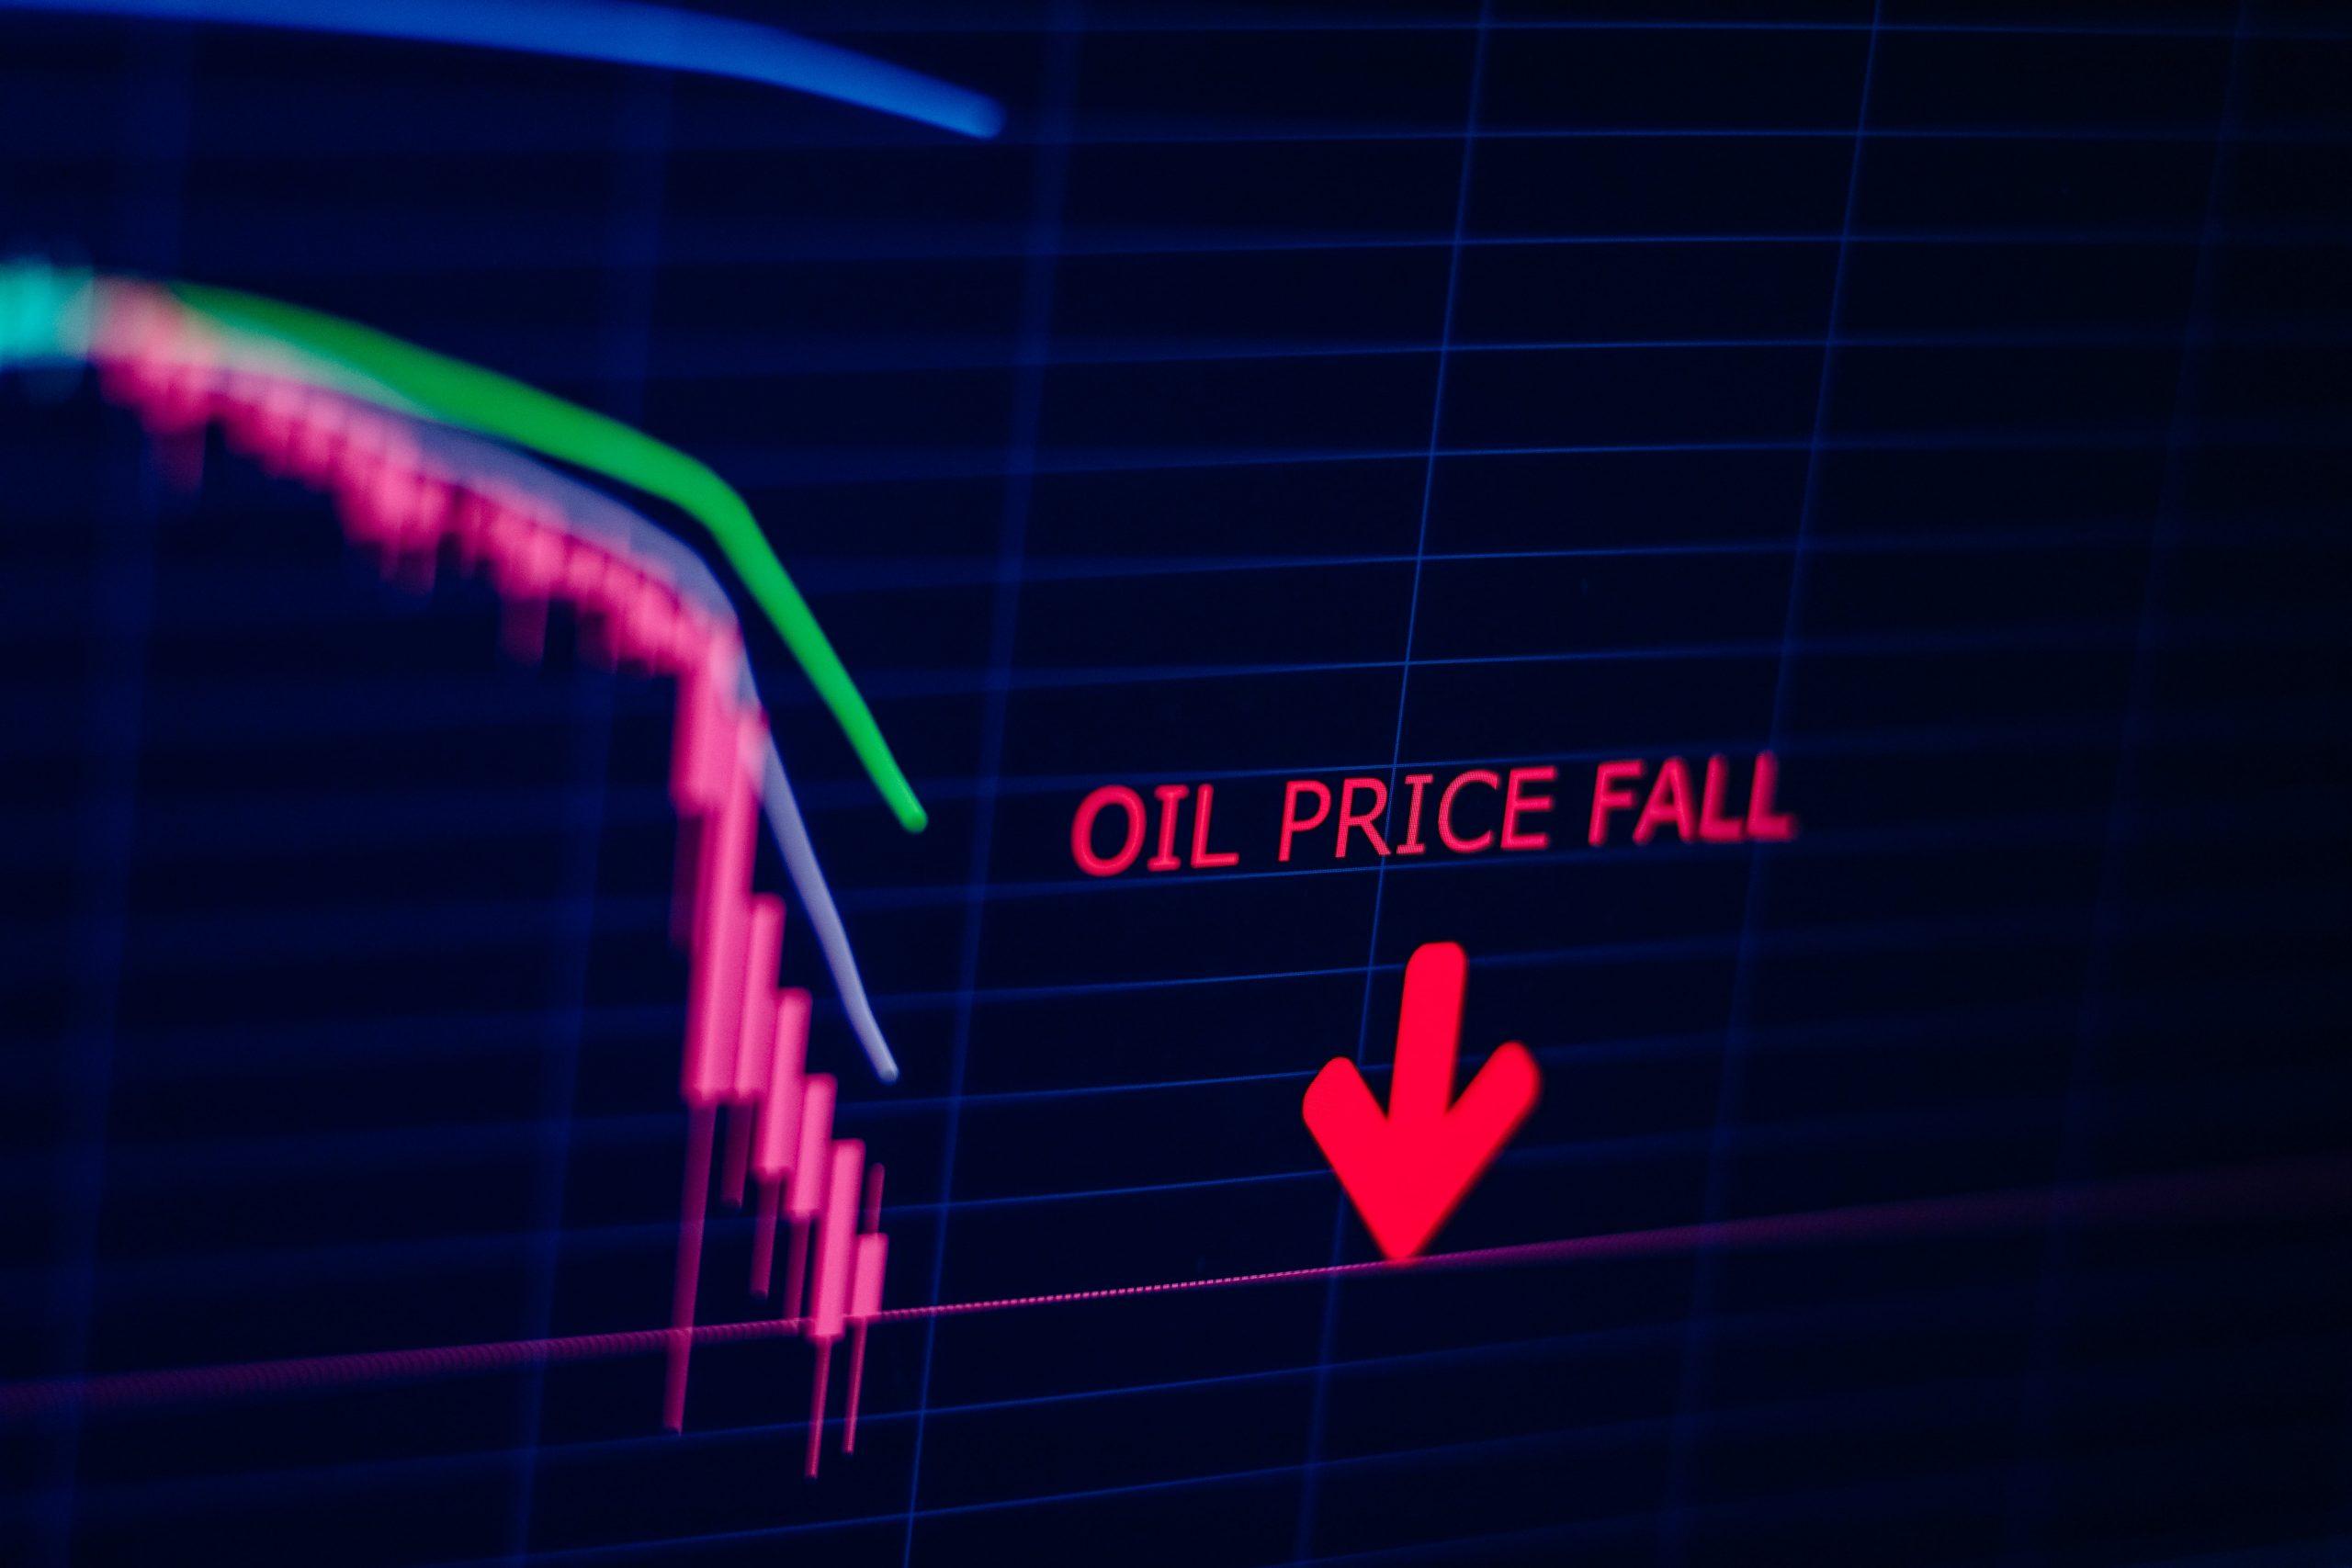 La crisis del petróleo, ¿puede afectar al sistema eléctrico?